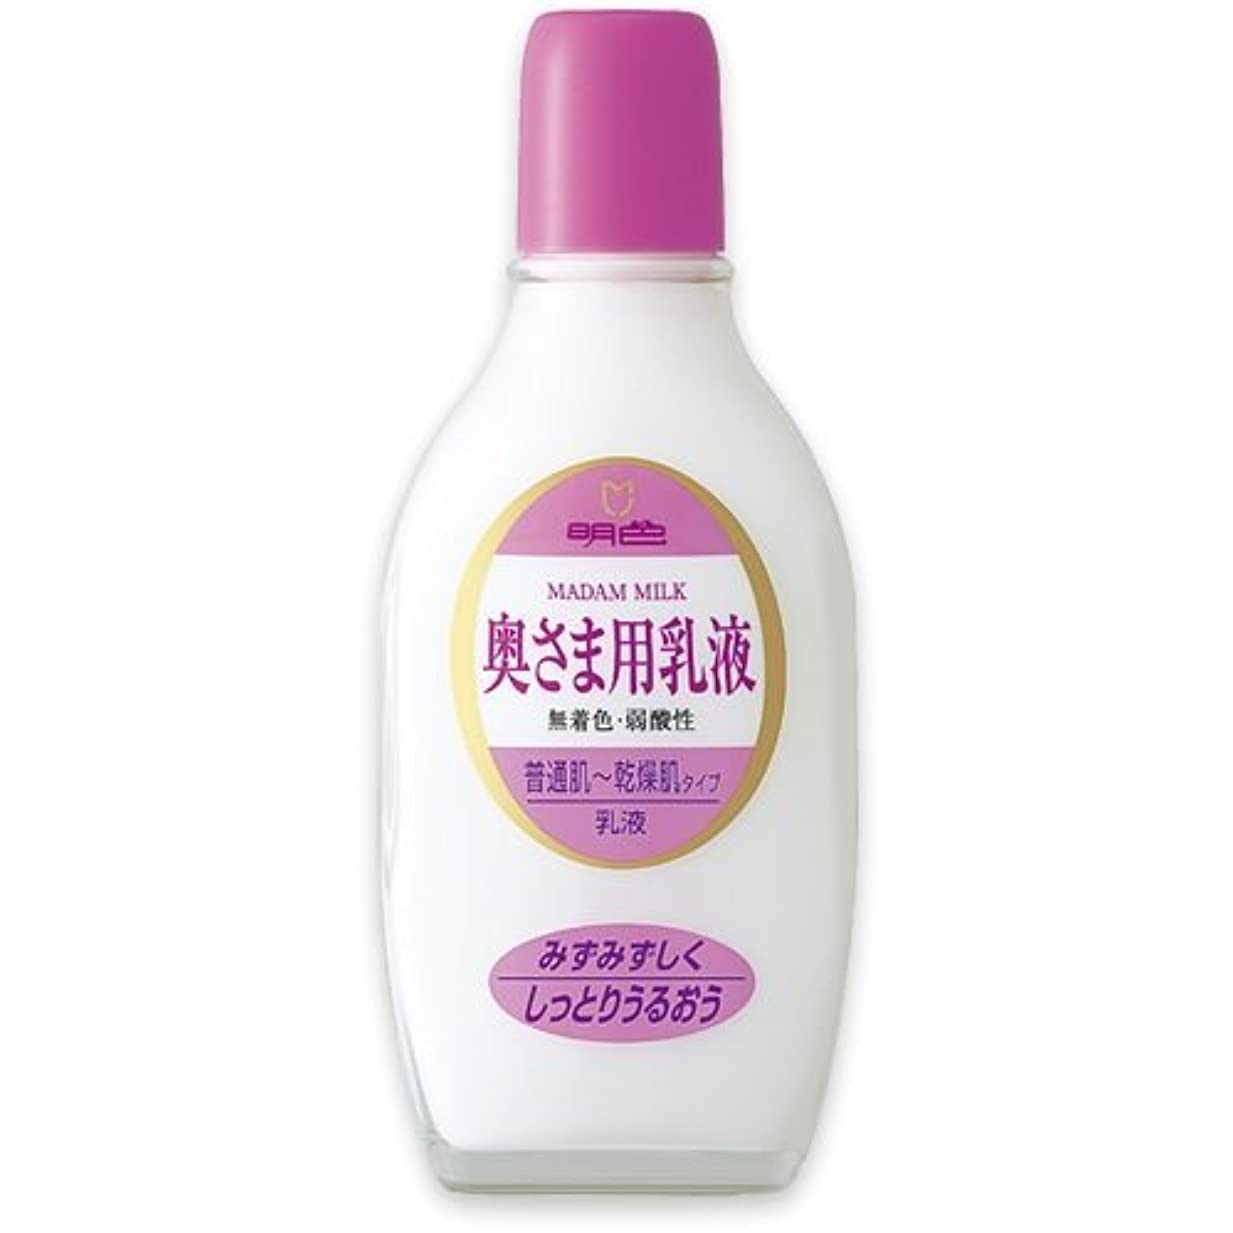 落胆させる定期的にストライド明色 奥さま用乳液 普通肌~乾燥肌用乳液 Madam Milk MEISHOKU